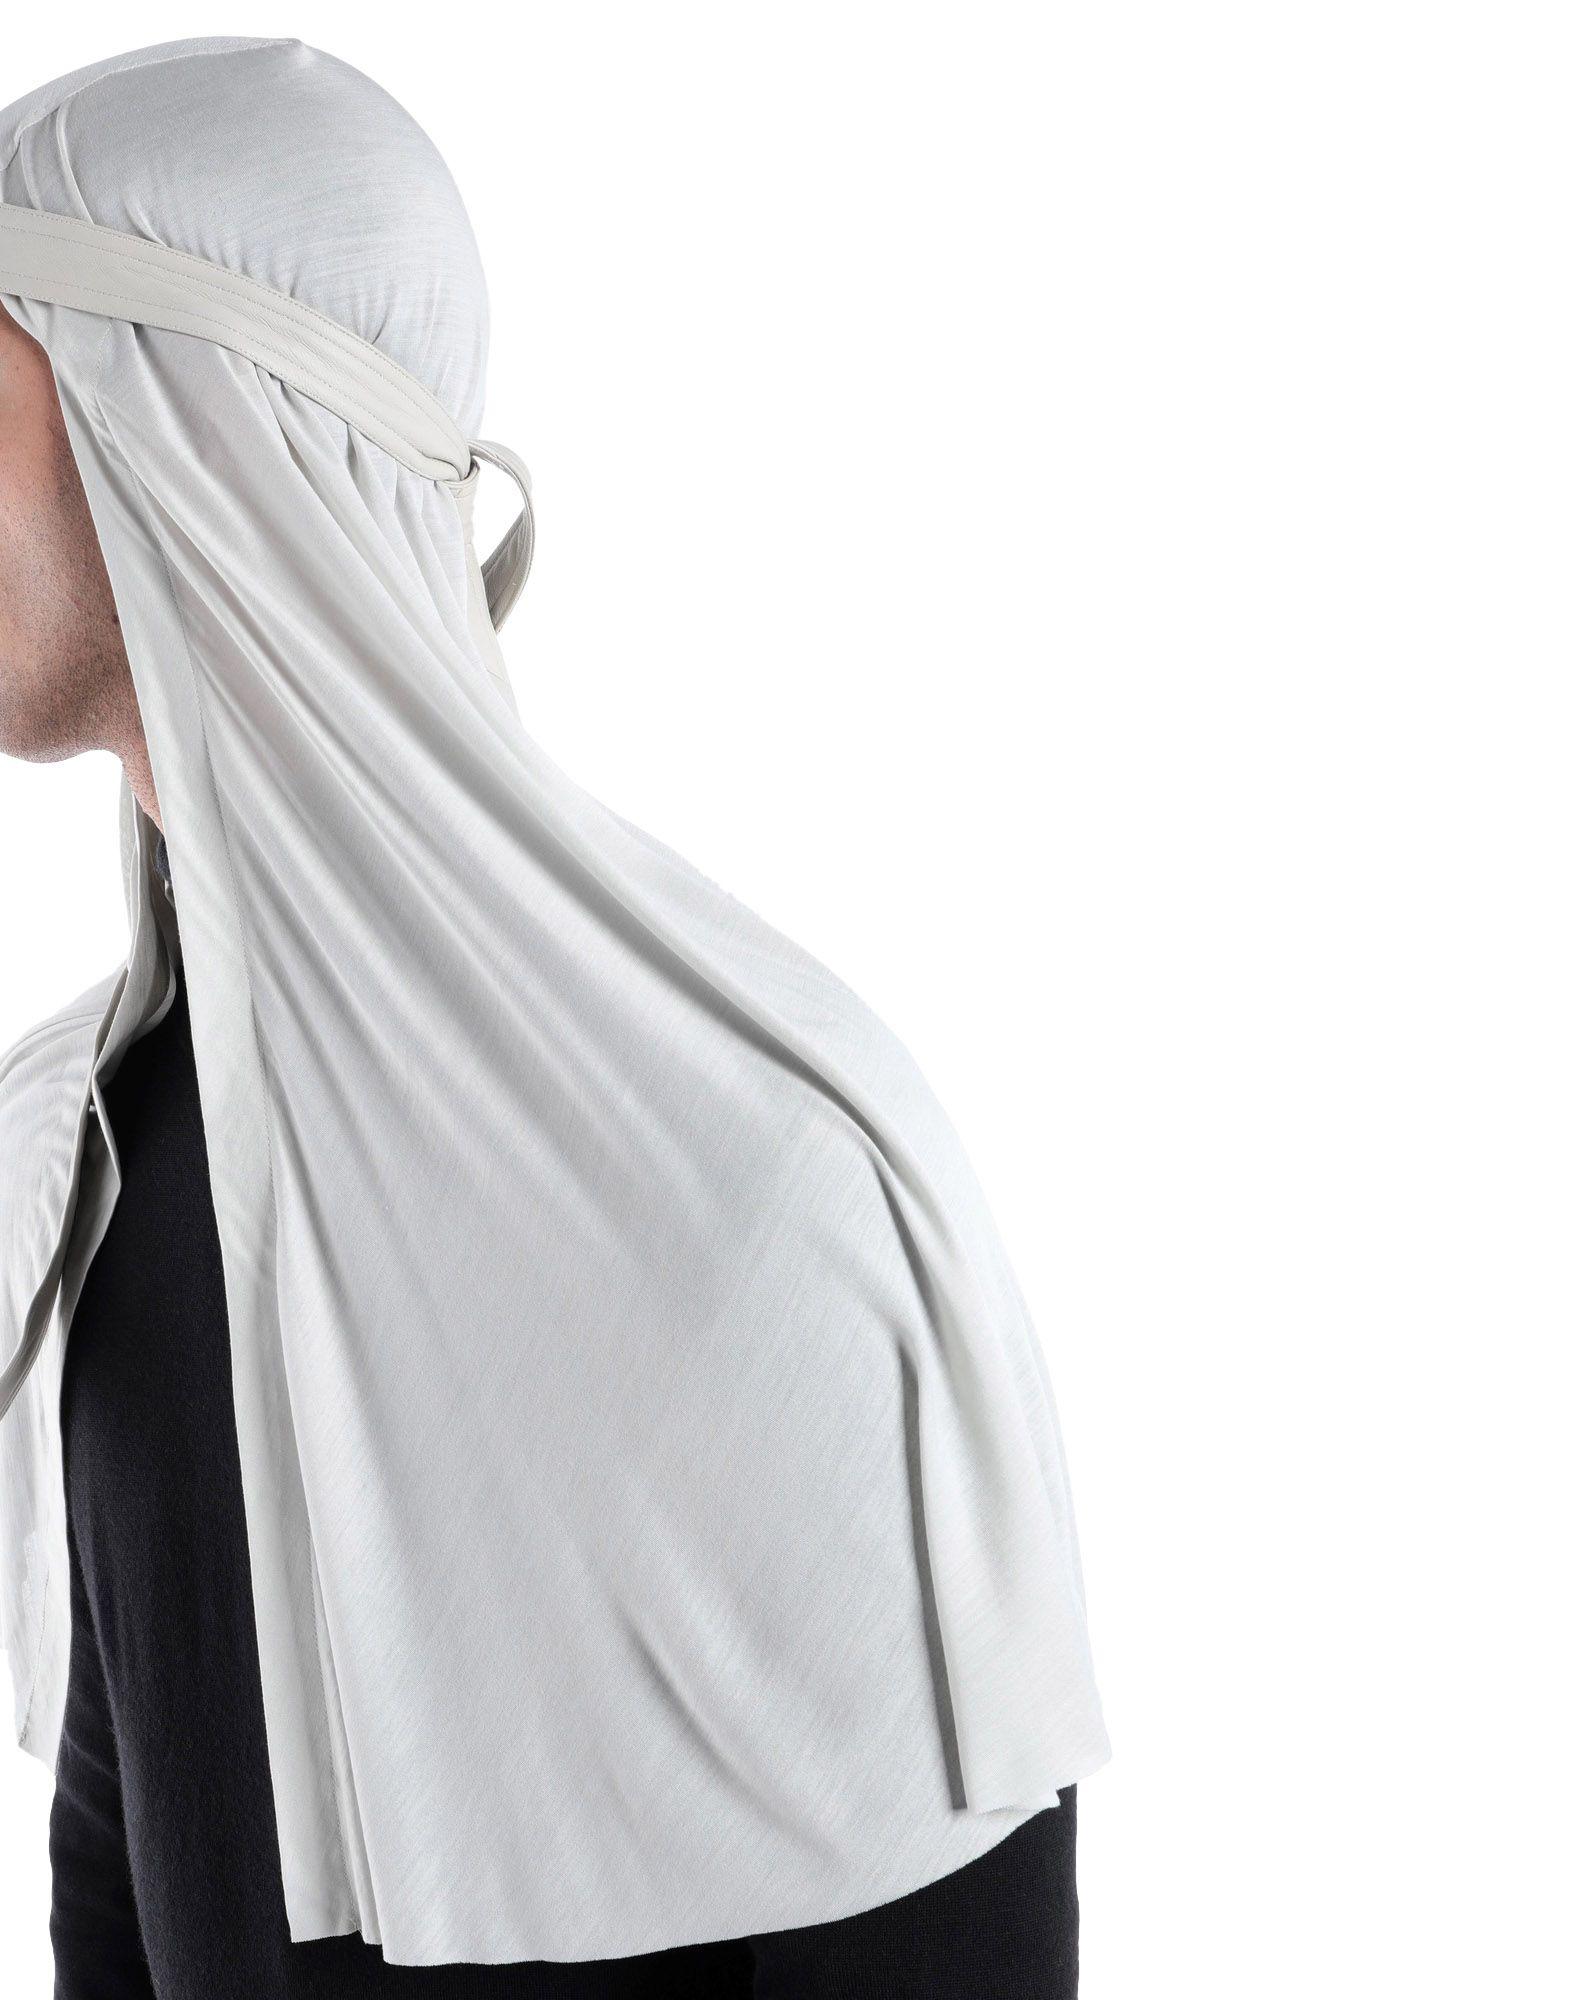 《期間限定セール中》RICK OWENS メンズ ヘアアクセサリー ライトグレー one size シルク 100% / リアルファー